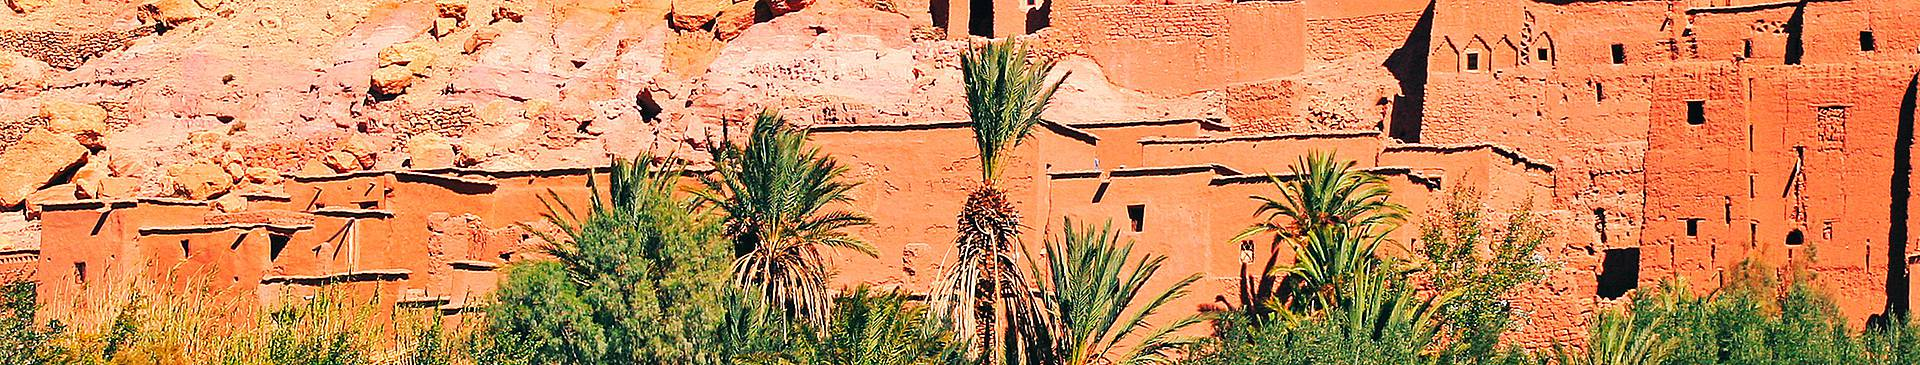 Une semaine au Maroc